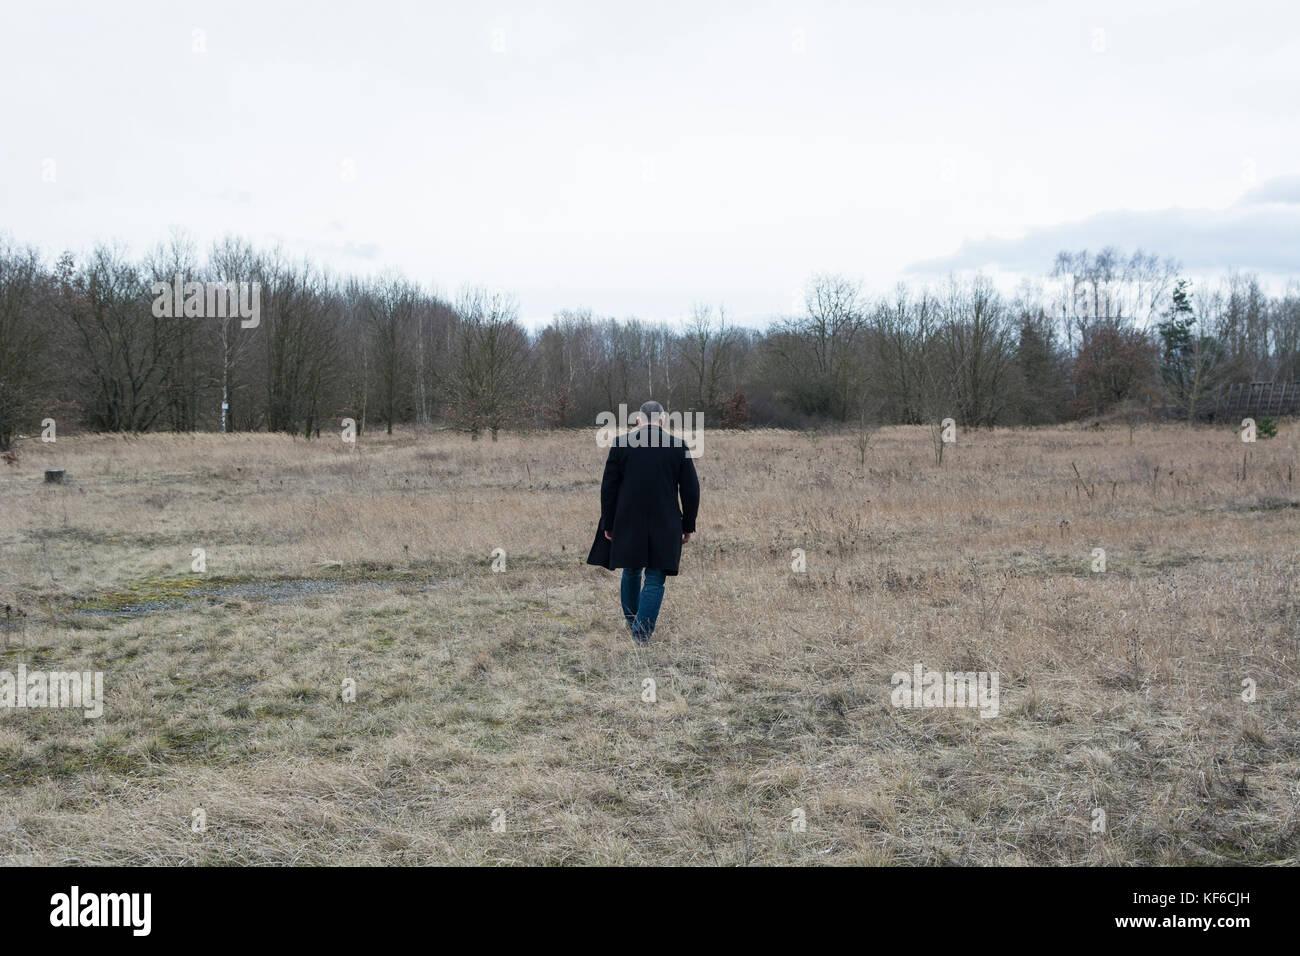 Rückansicht Ansicht von ein Mann mit einem Mantel wandern in einem Feld Stockbild